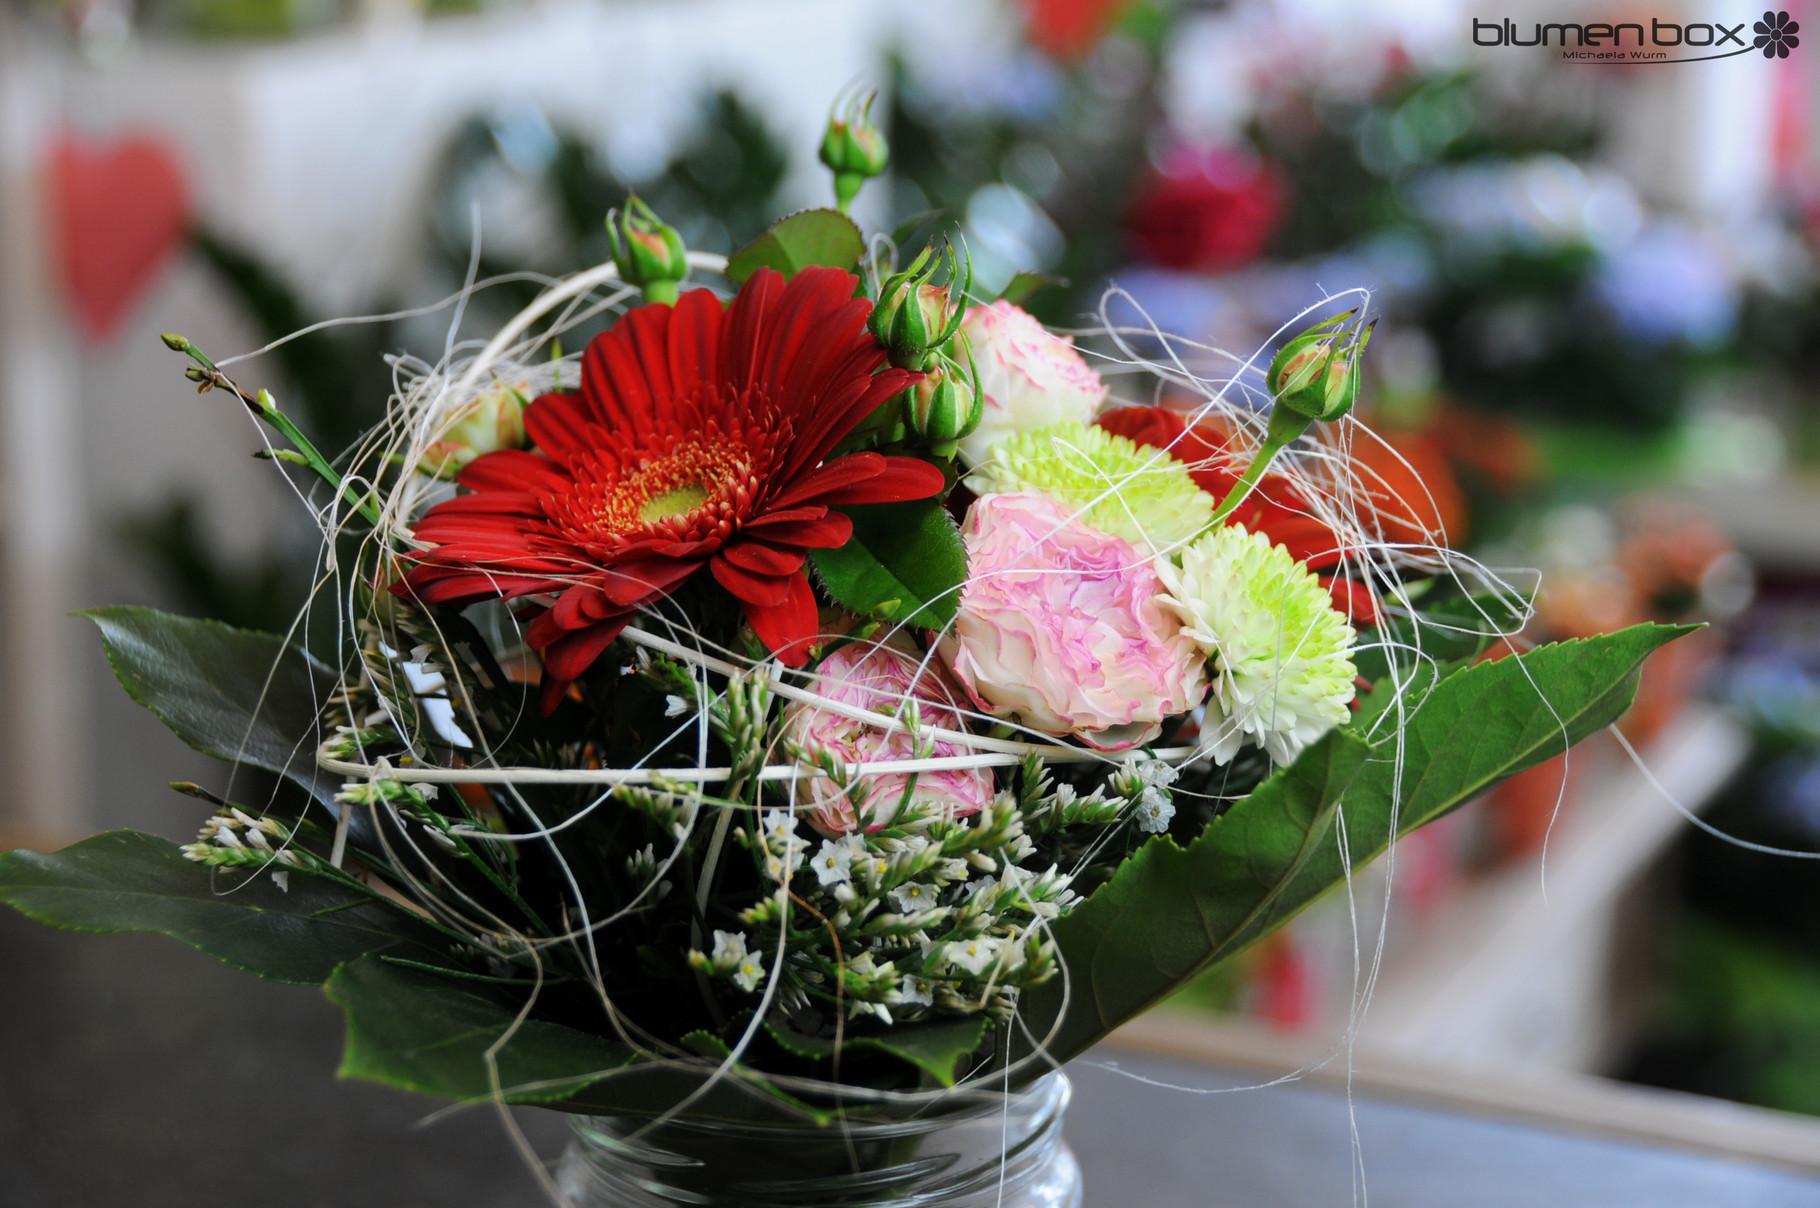 Schnittblumen  blumenbox